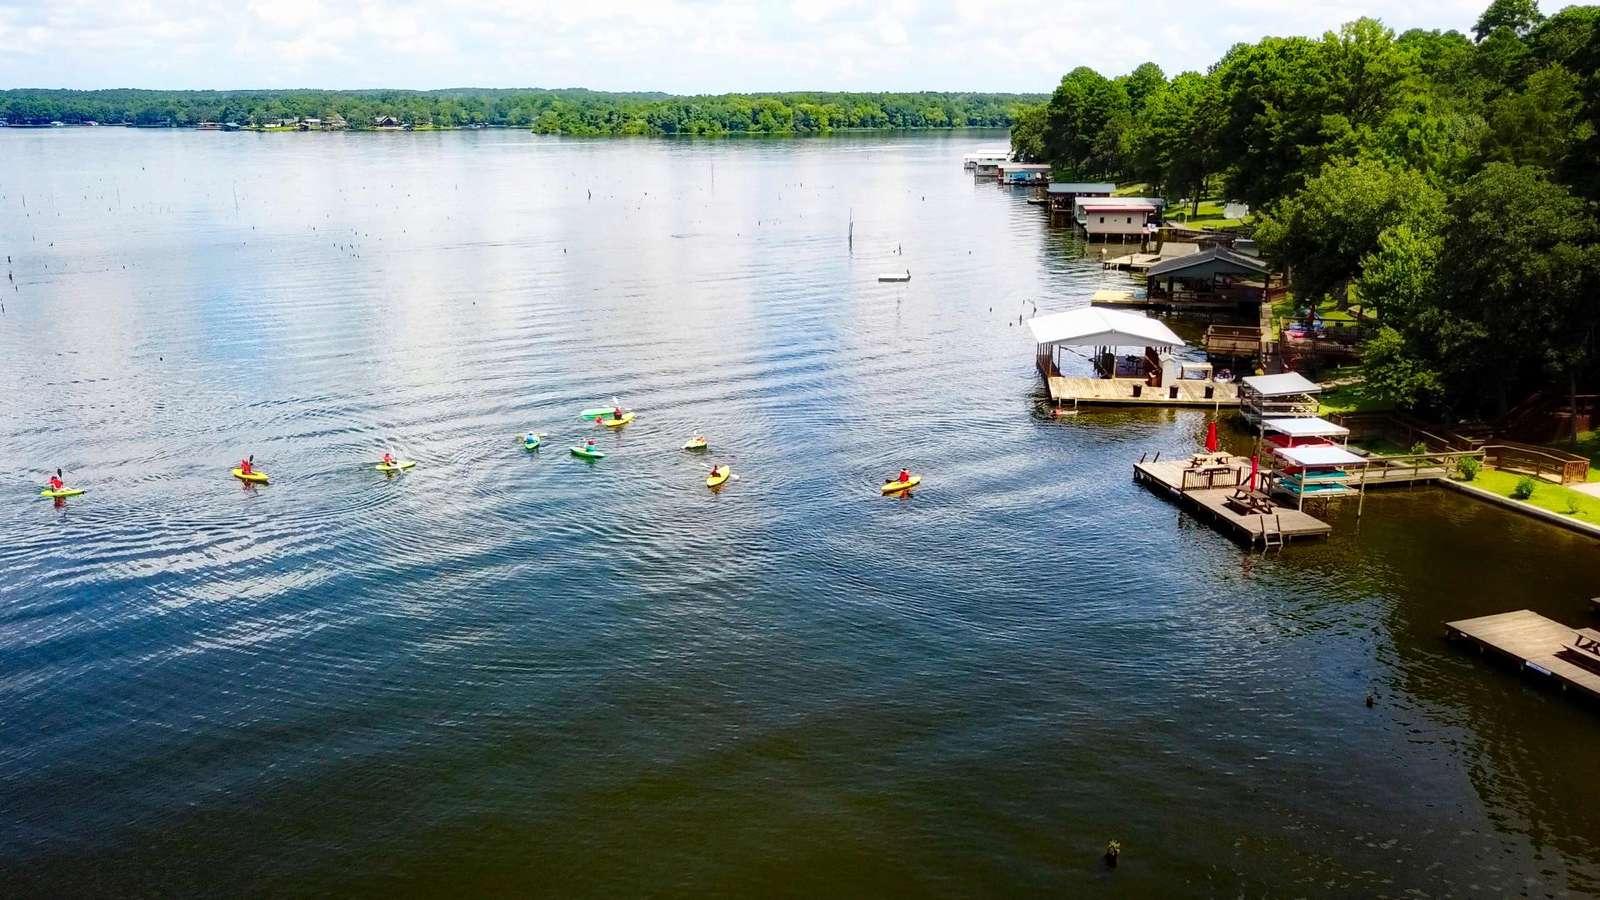 Guests enjoying the kayaks and lake.